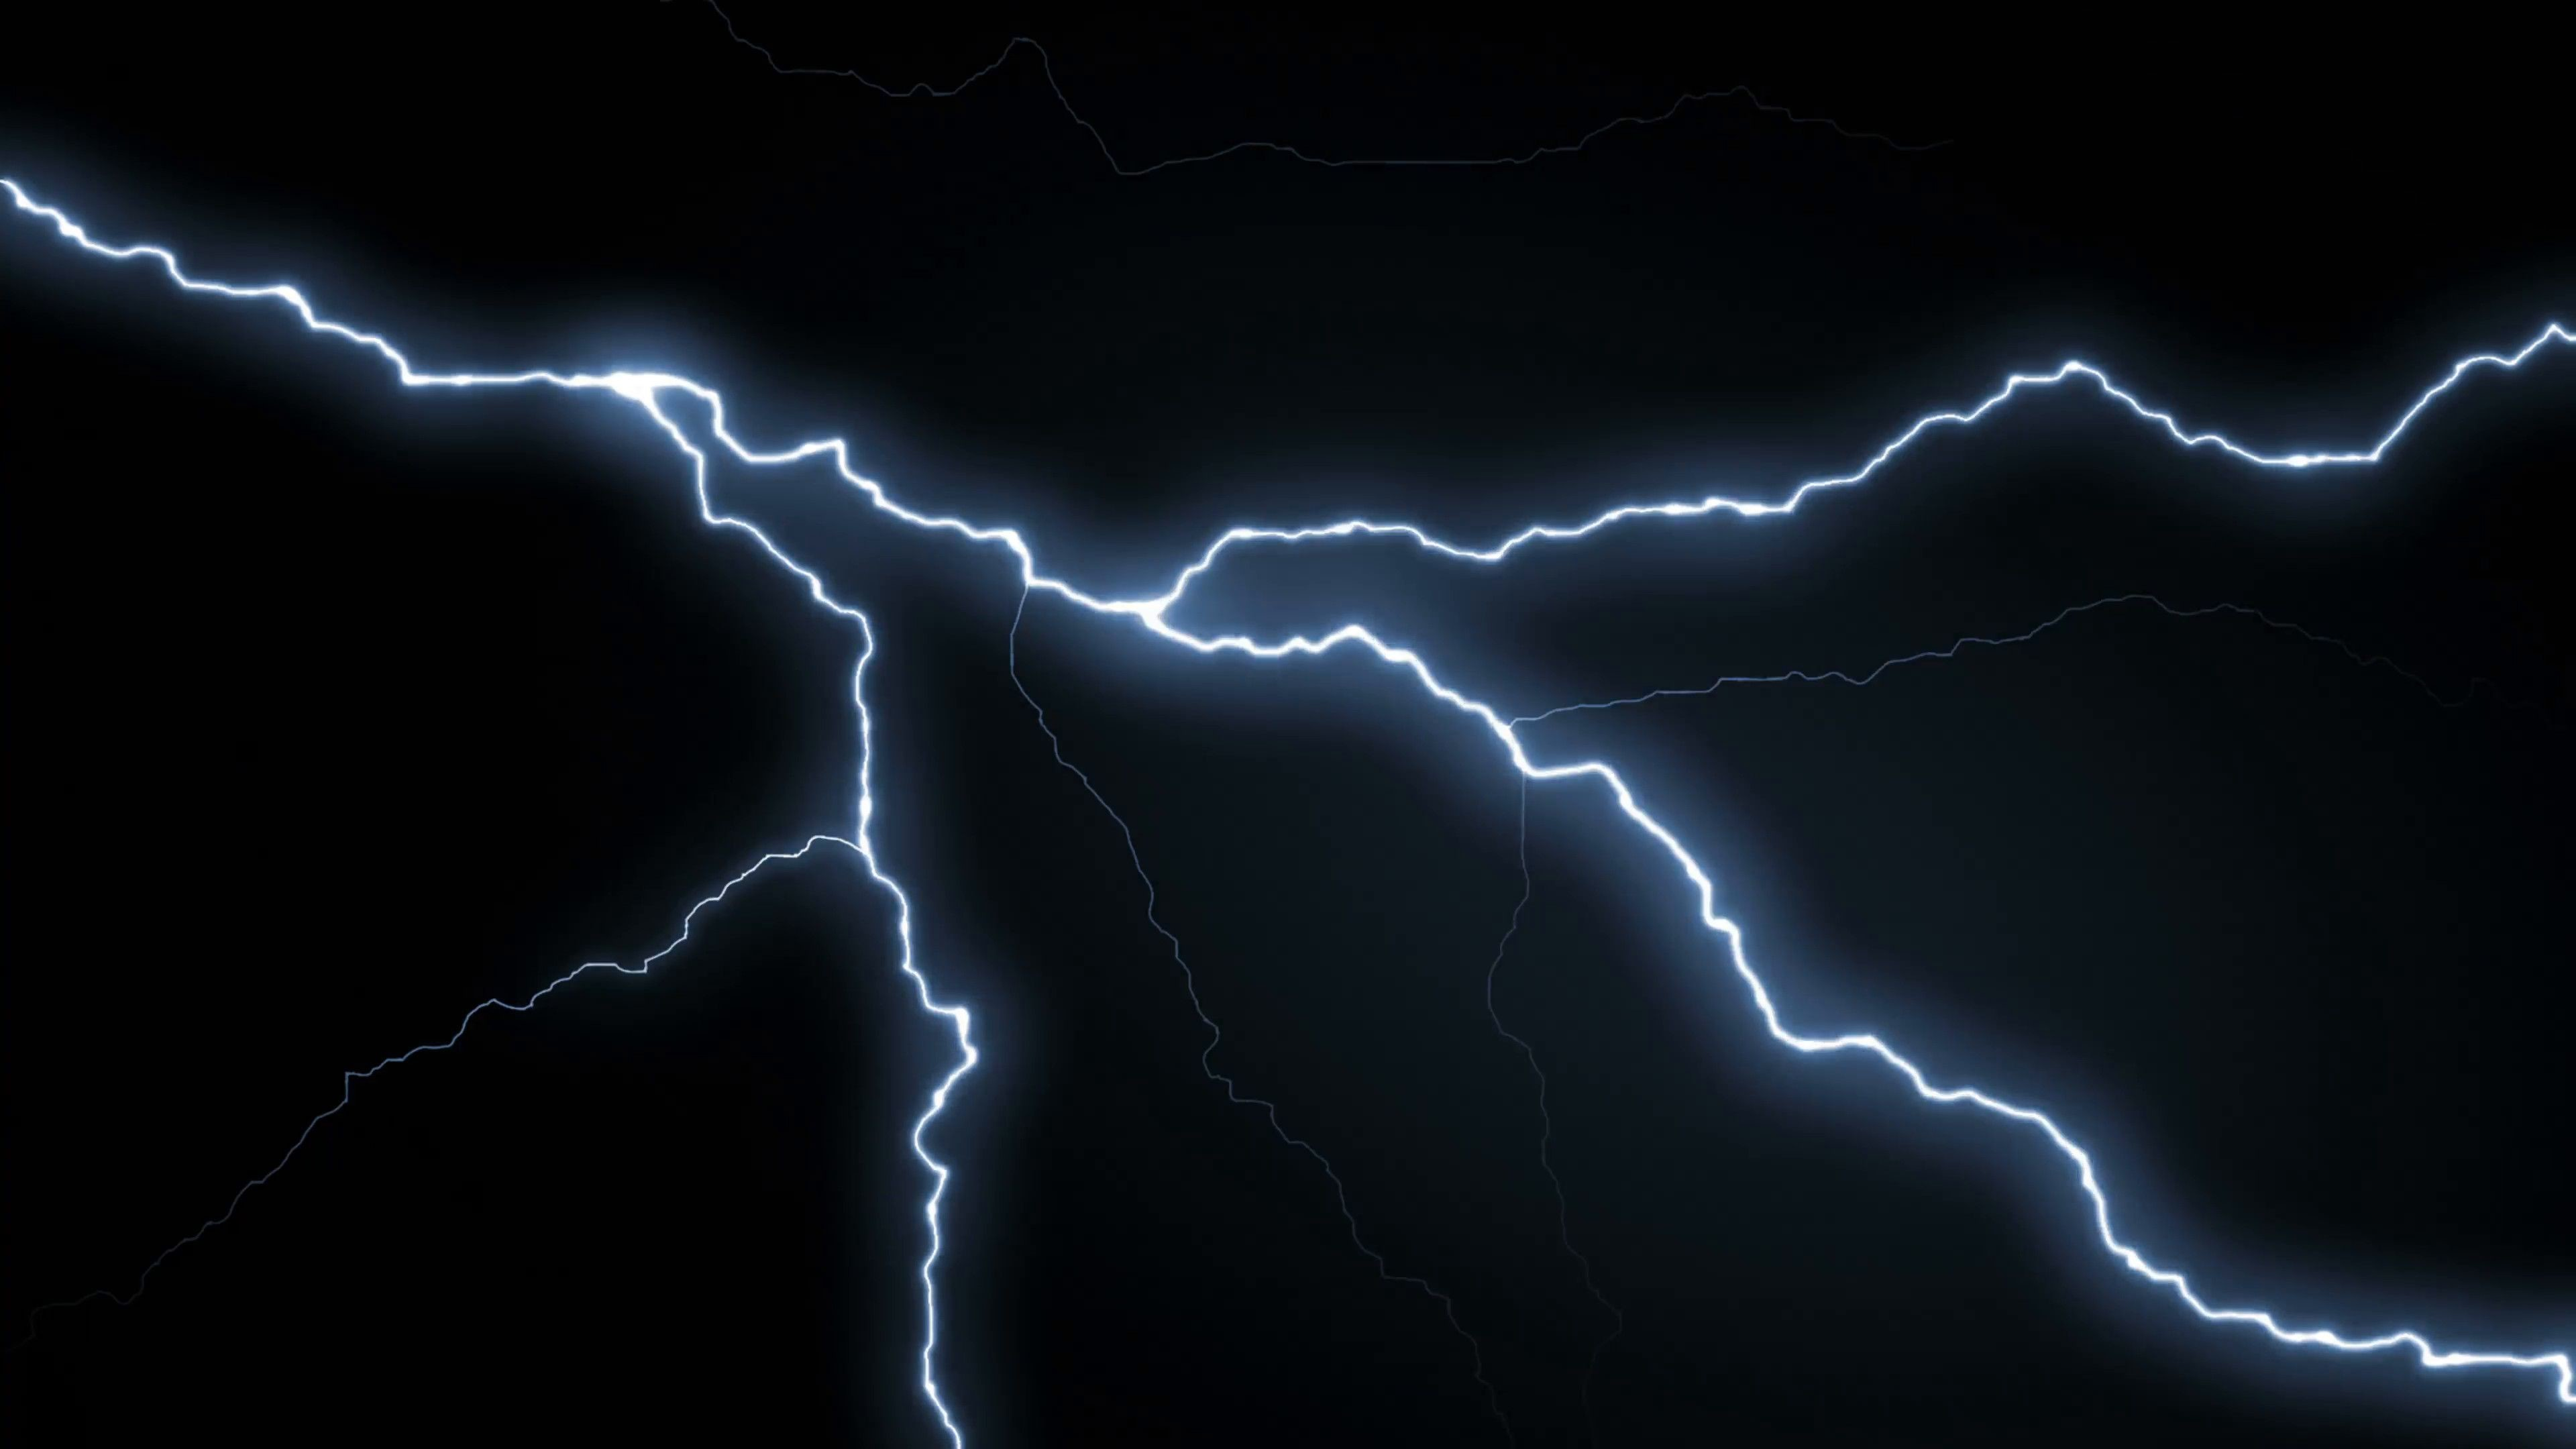 Lightning Bolt Backgrounds 41 Pictures